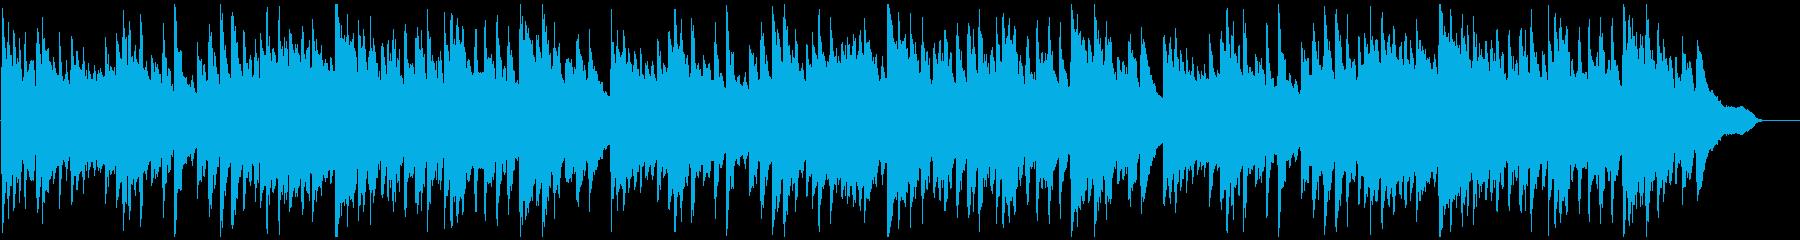 「ふるさと」 ピアノ伴奏の再生済みの波形